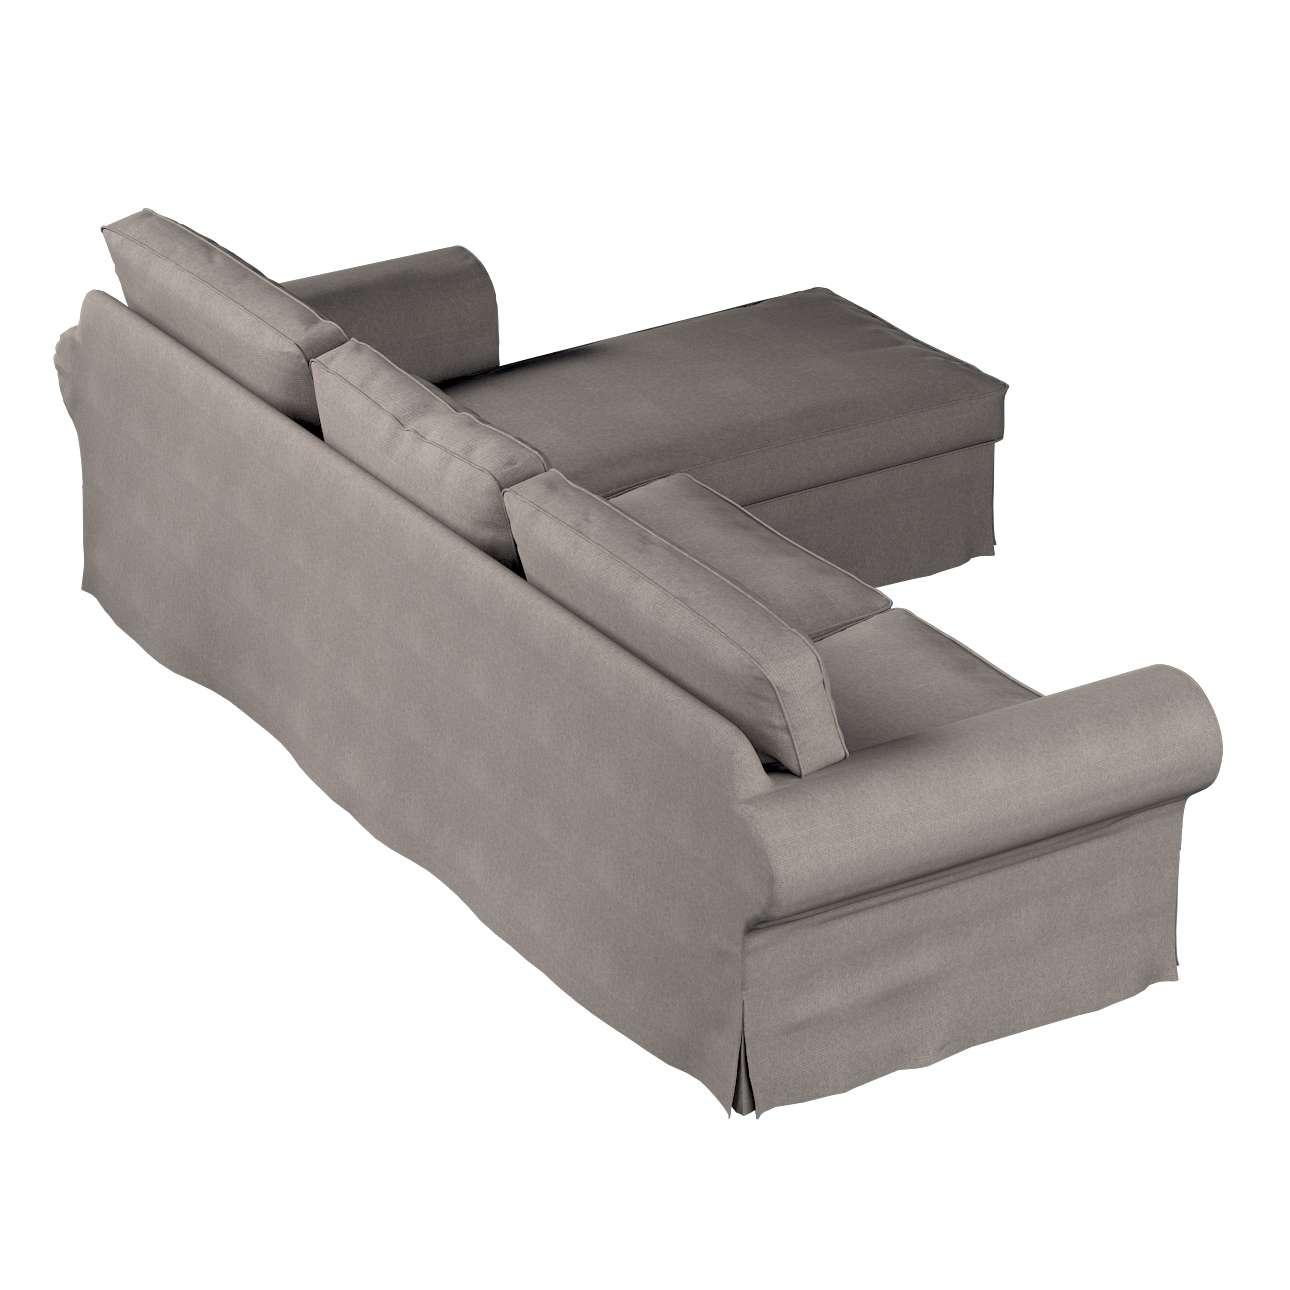 Bezug für Ektorp 2-Sitzer Sofa mit Recamiere von der Kollektion Etna, Stoff: 705-09